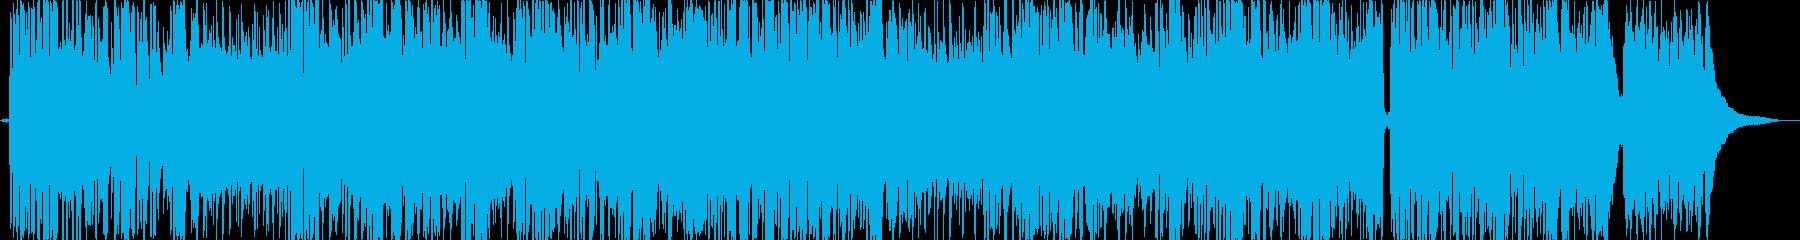 ふりこのようにの再生済みの波形